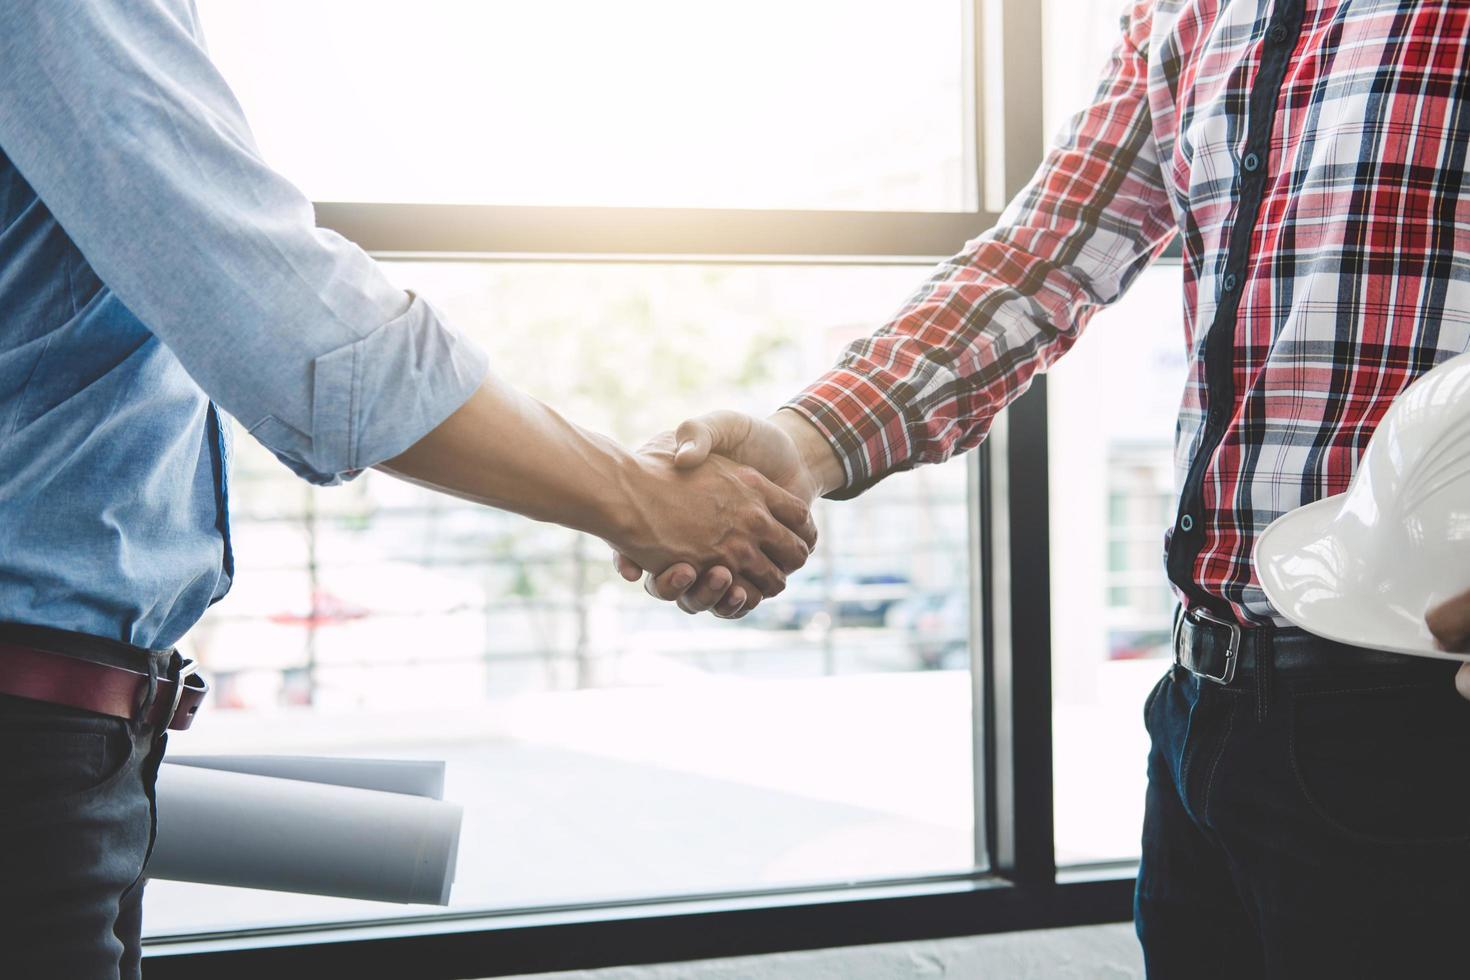 due ingegneri si incontrano per il progetto, stretta di mano dopo la consultazione foto